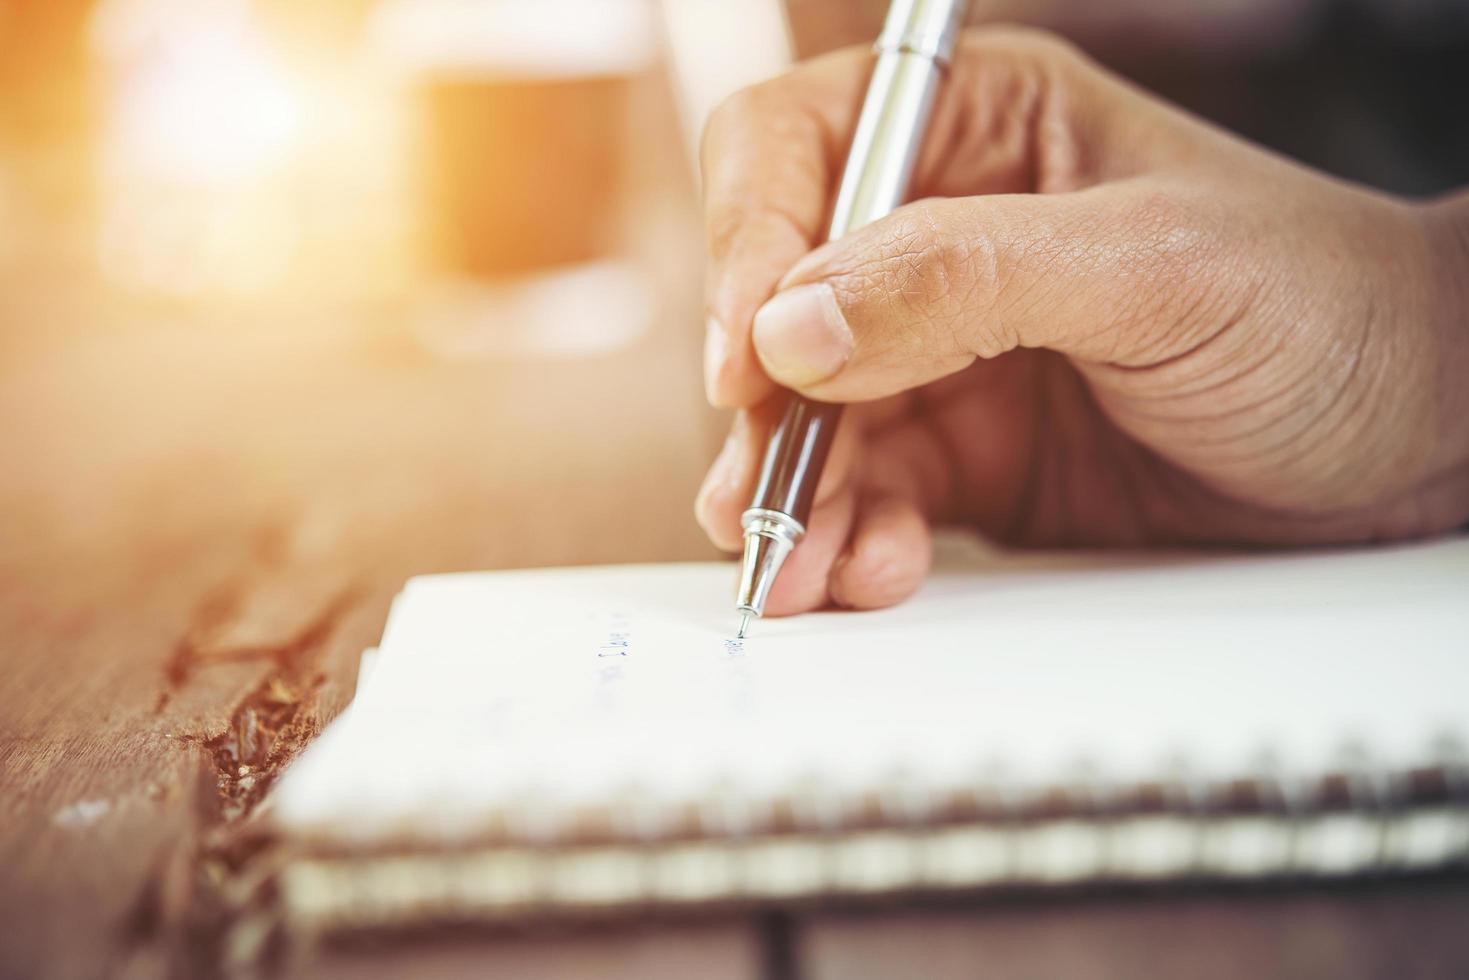 mujer escribiendo en cuaderno foto